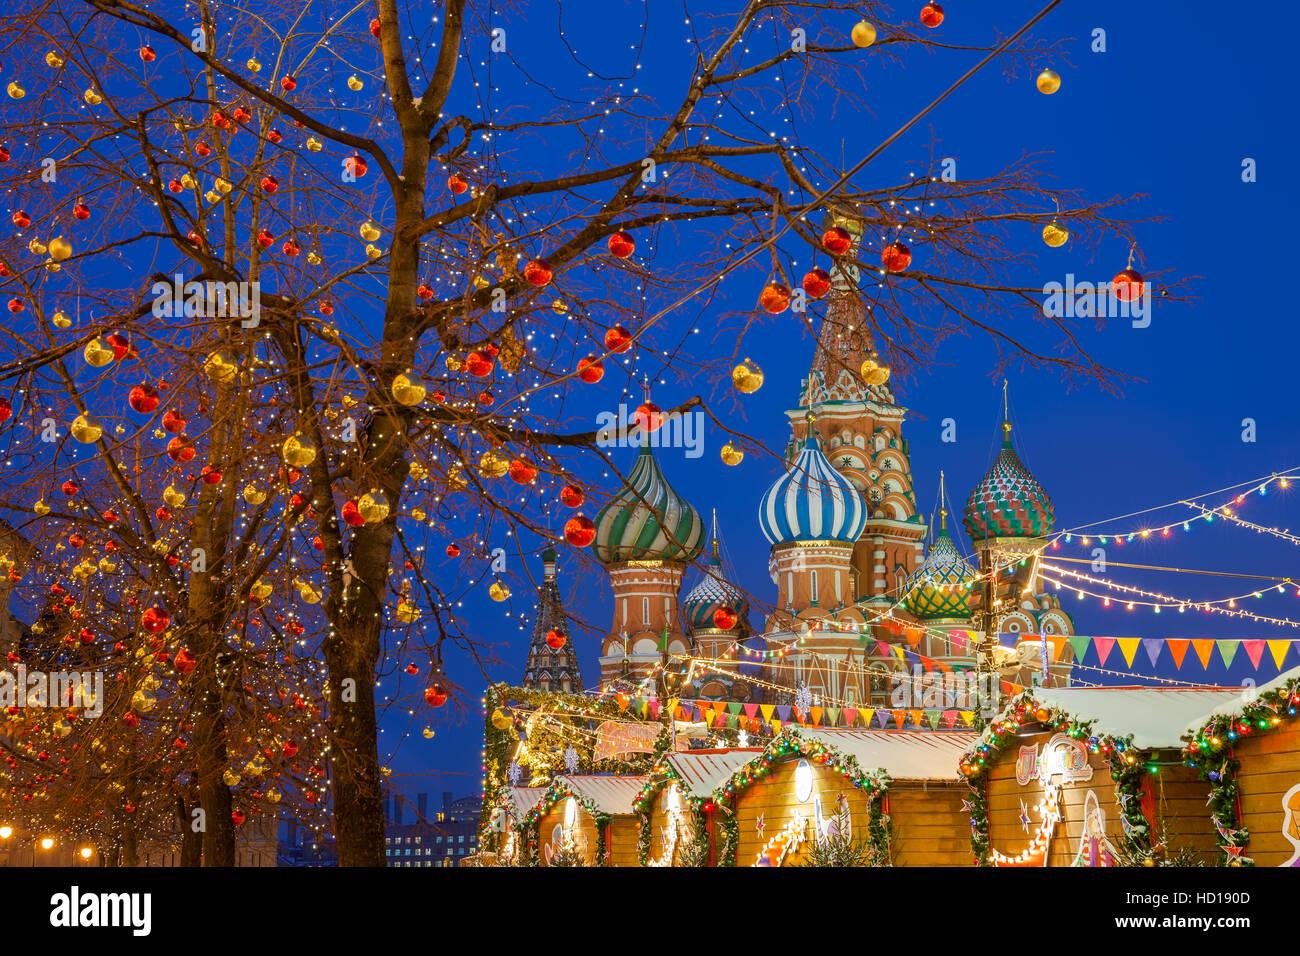 Adornos de Navidad en la Plaza Roja con la Catedral de St. Basils sobre los antecedentes, Moscú, Rusia Imagen De Stock